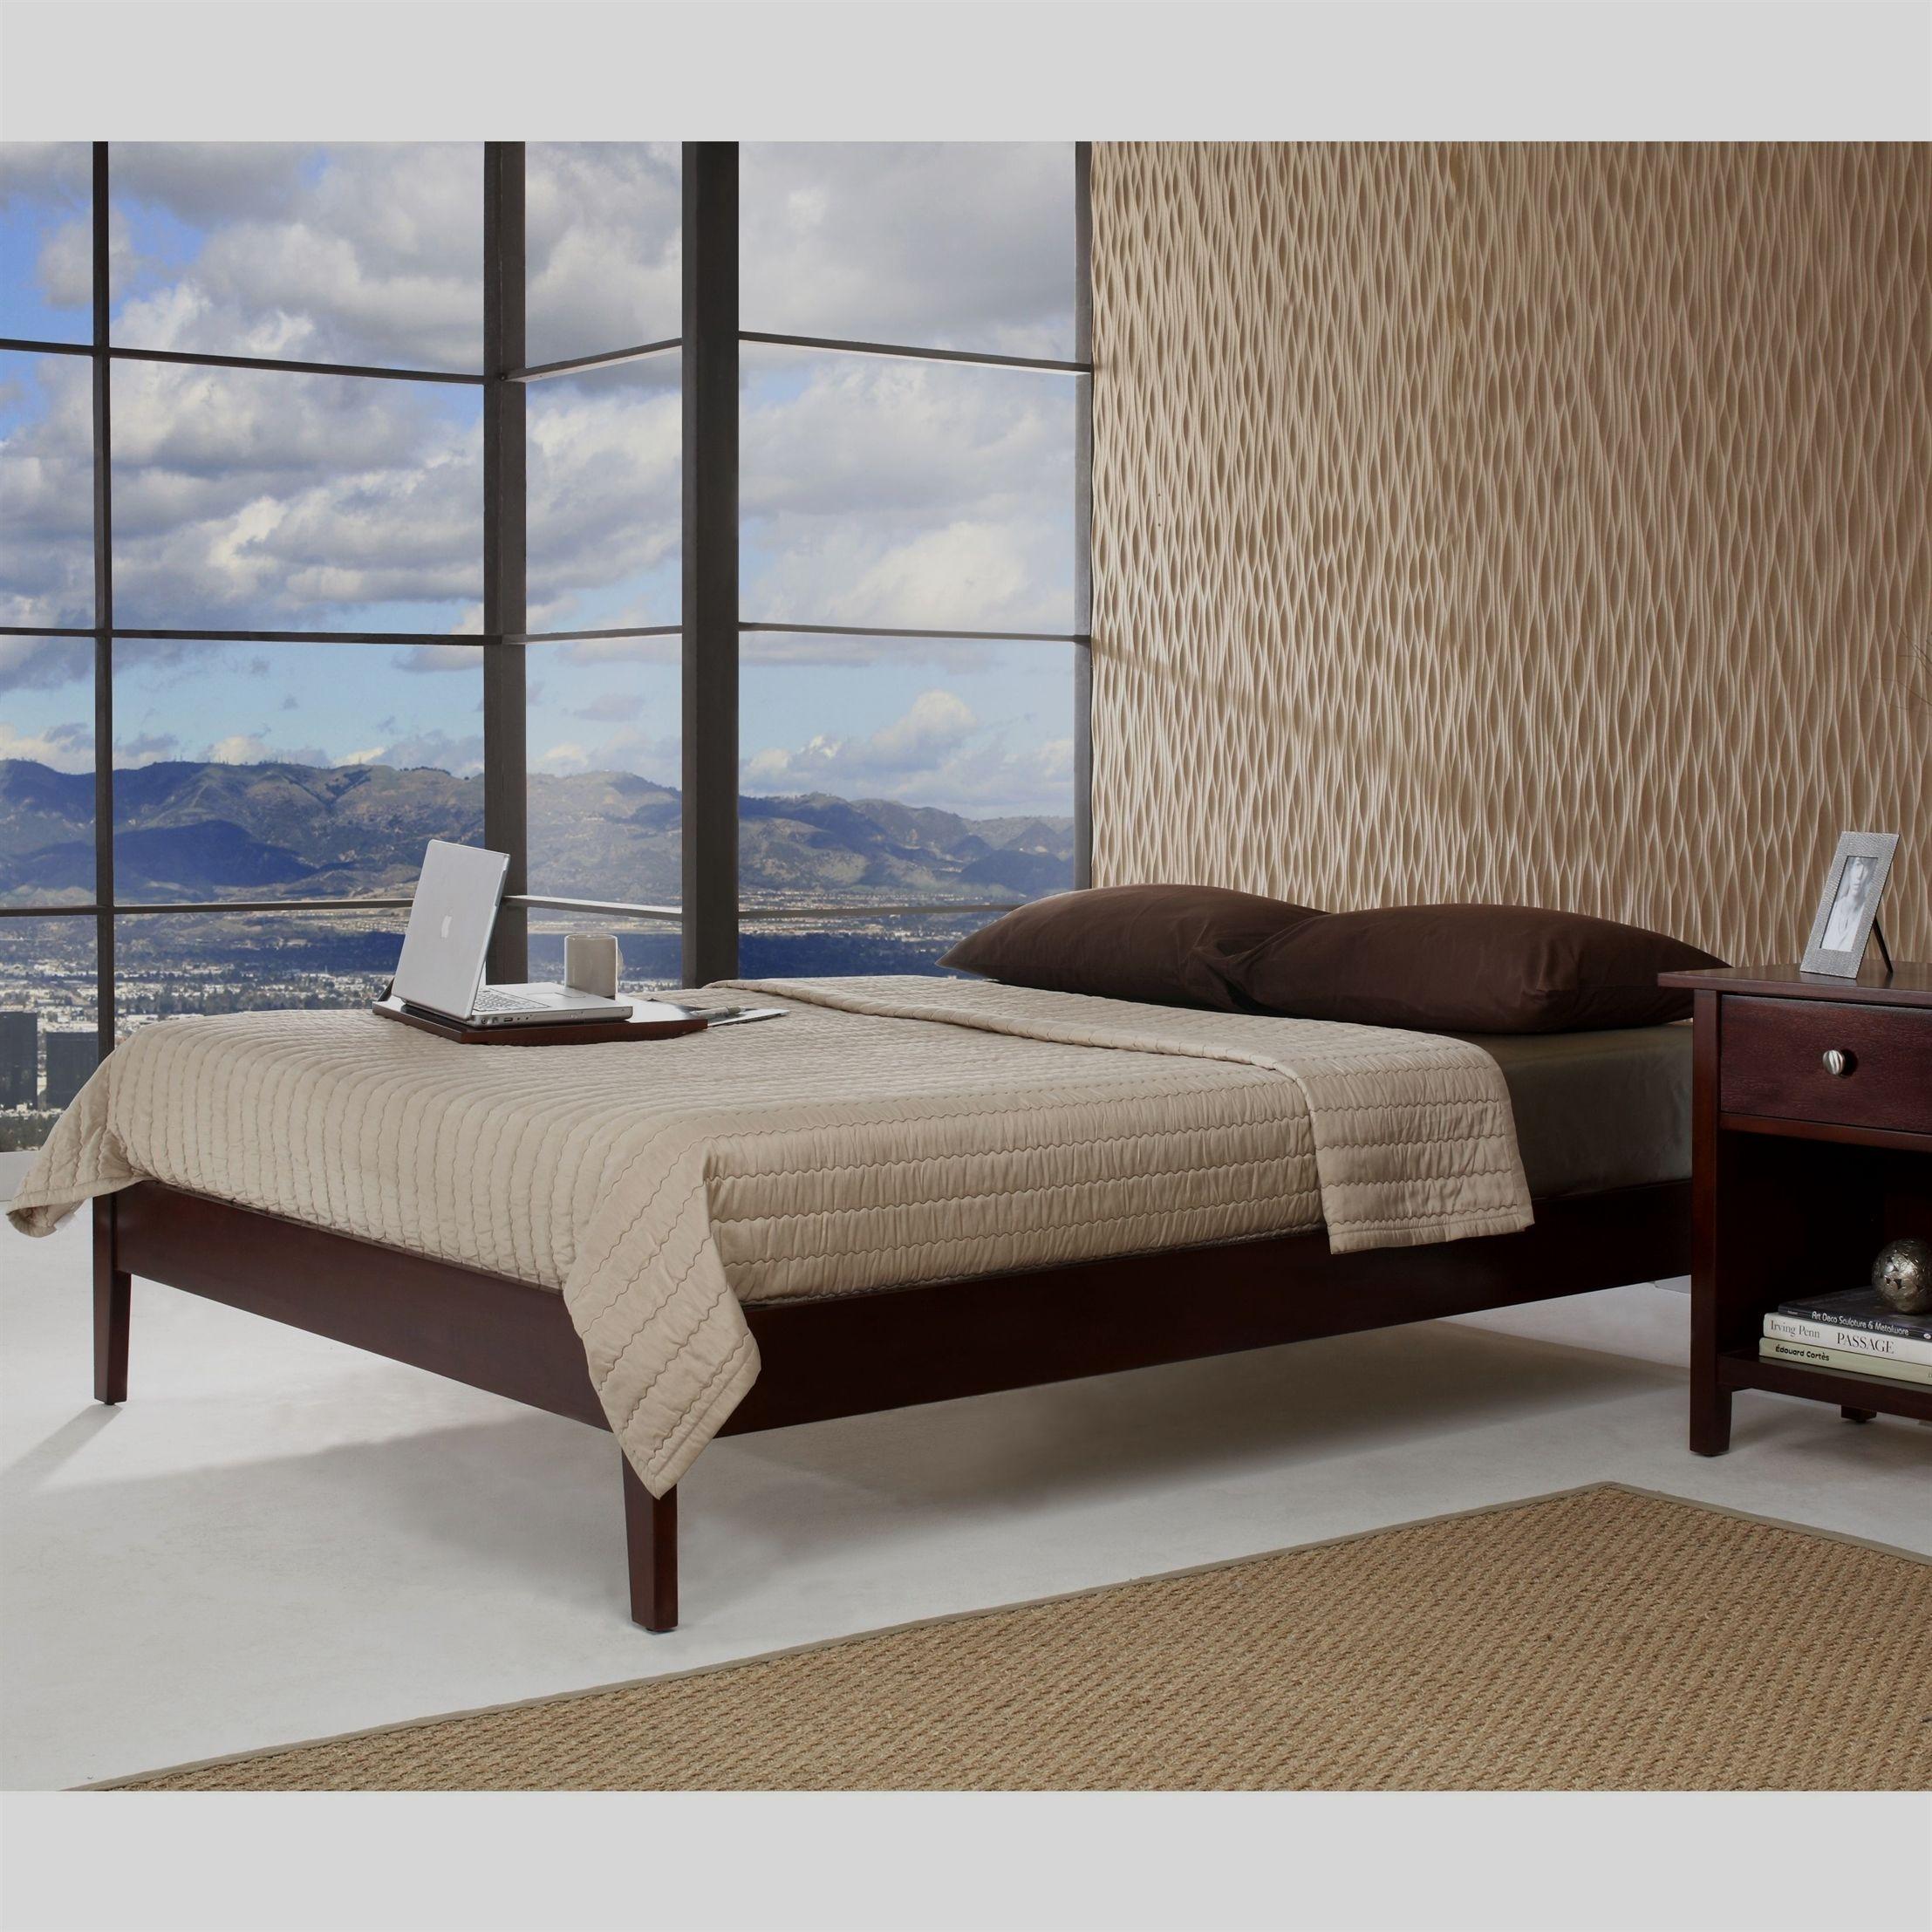 17 Special Platform Bed Frame No Headboard Platfor